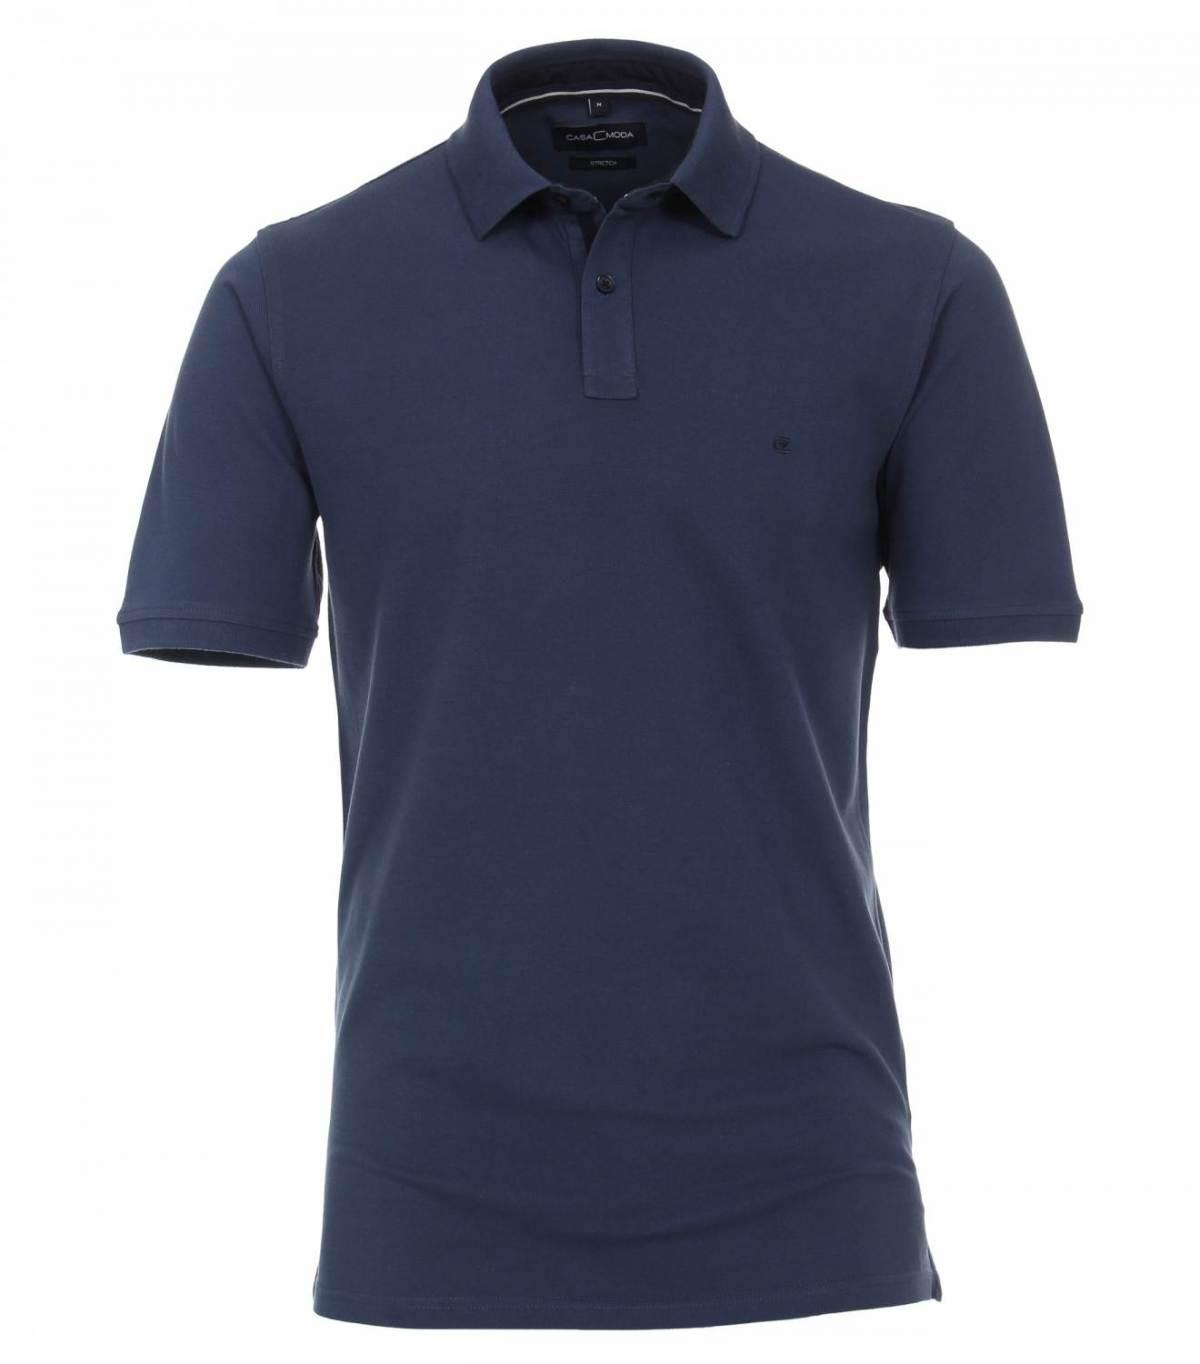 004470 125 - - Con Murphys Menswear